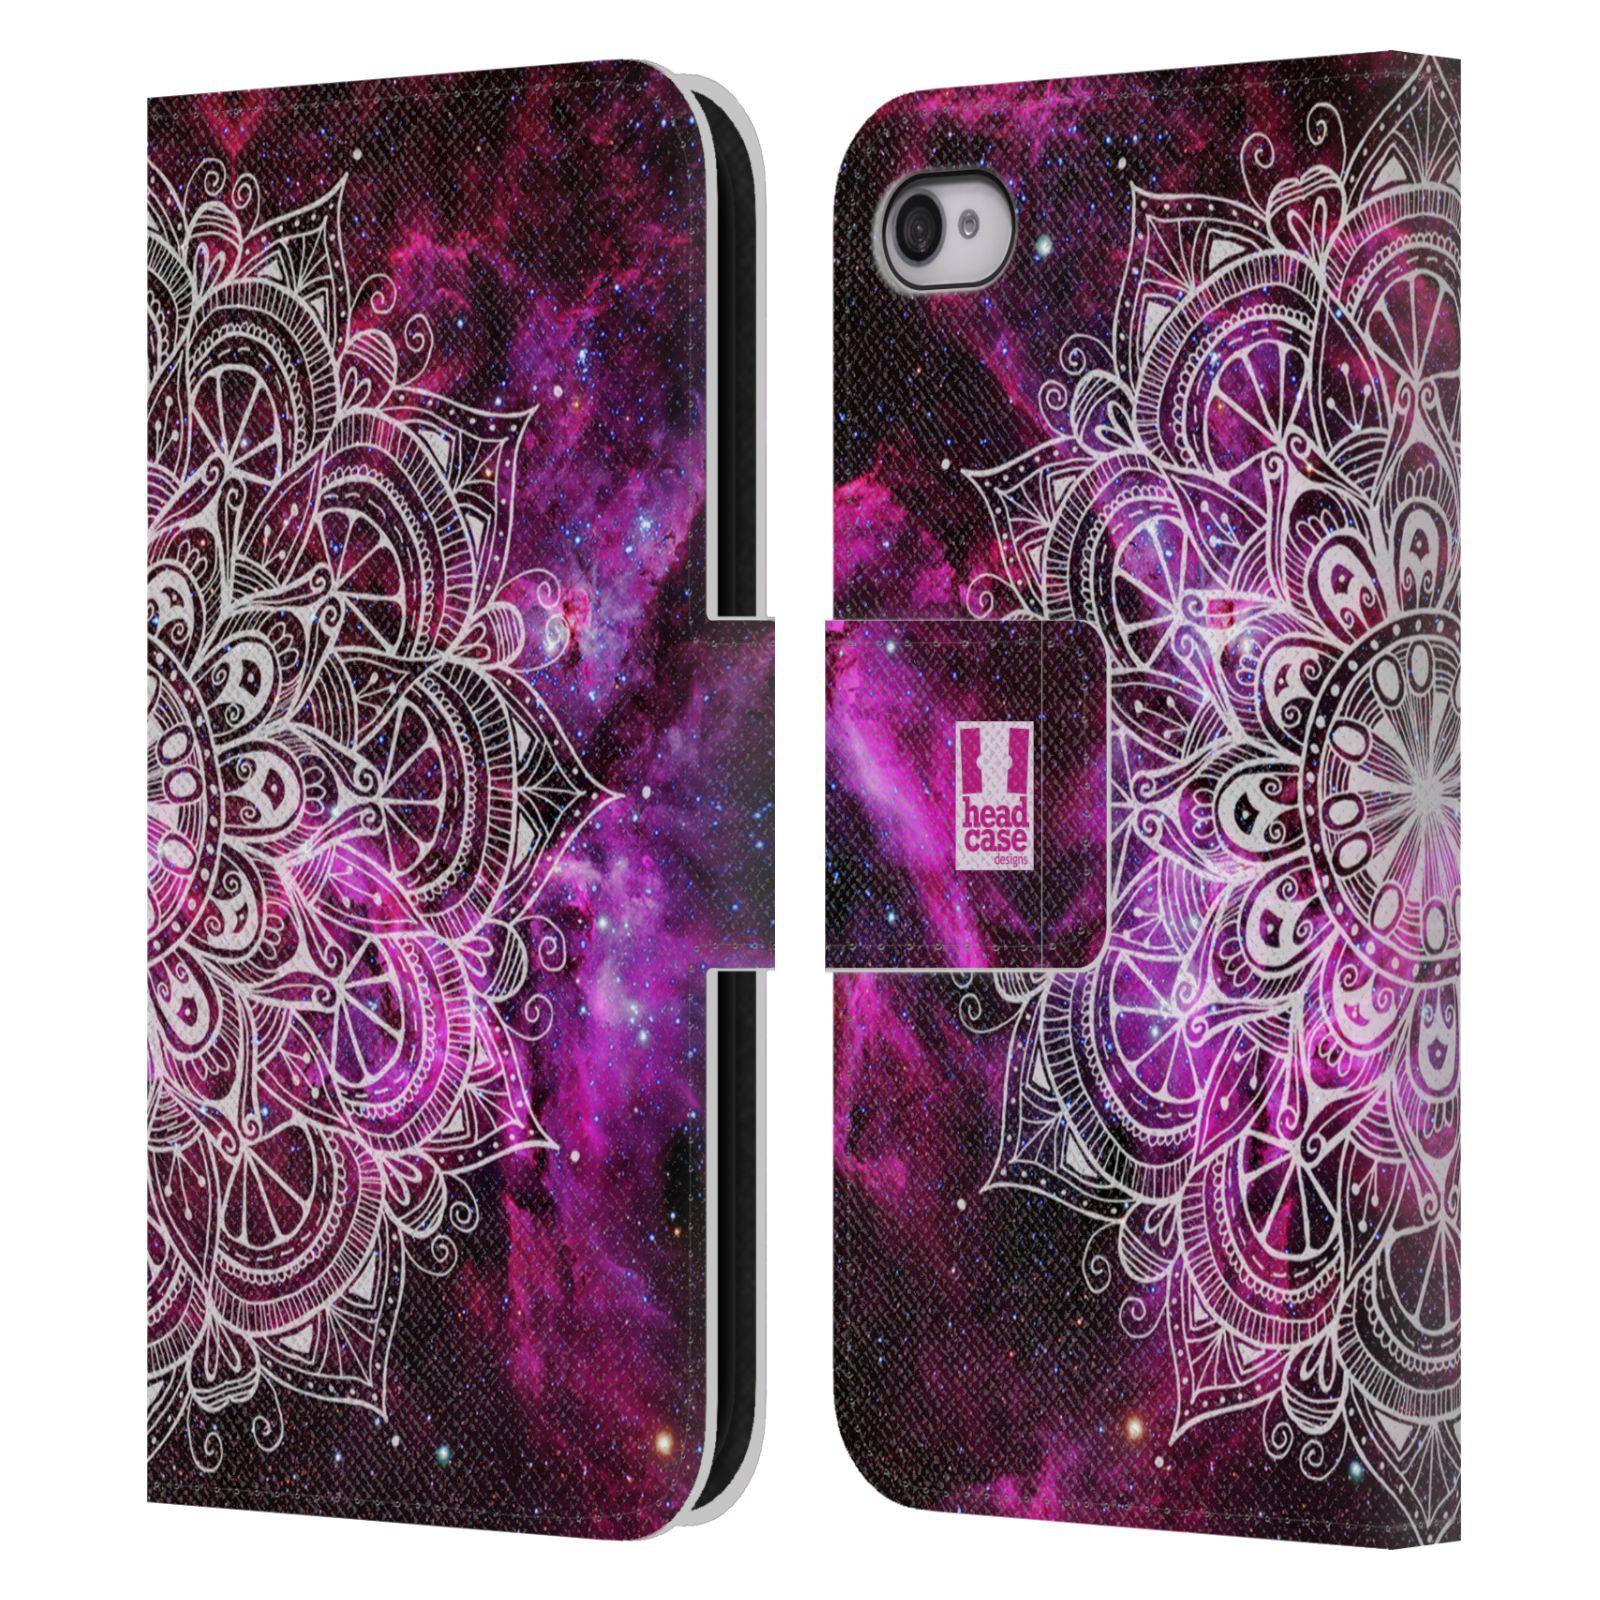 HEAD CASE Flipové pouzdro pro mobil Apple Iphone 4 4s mandala kreslená  fialová vesmír 4acdfd467be